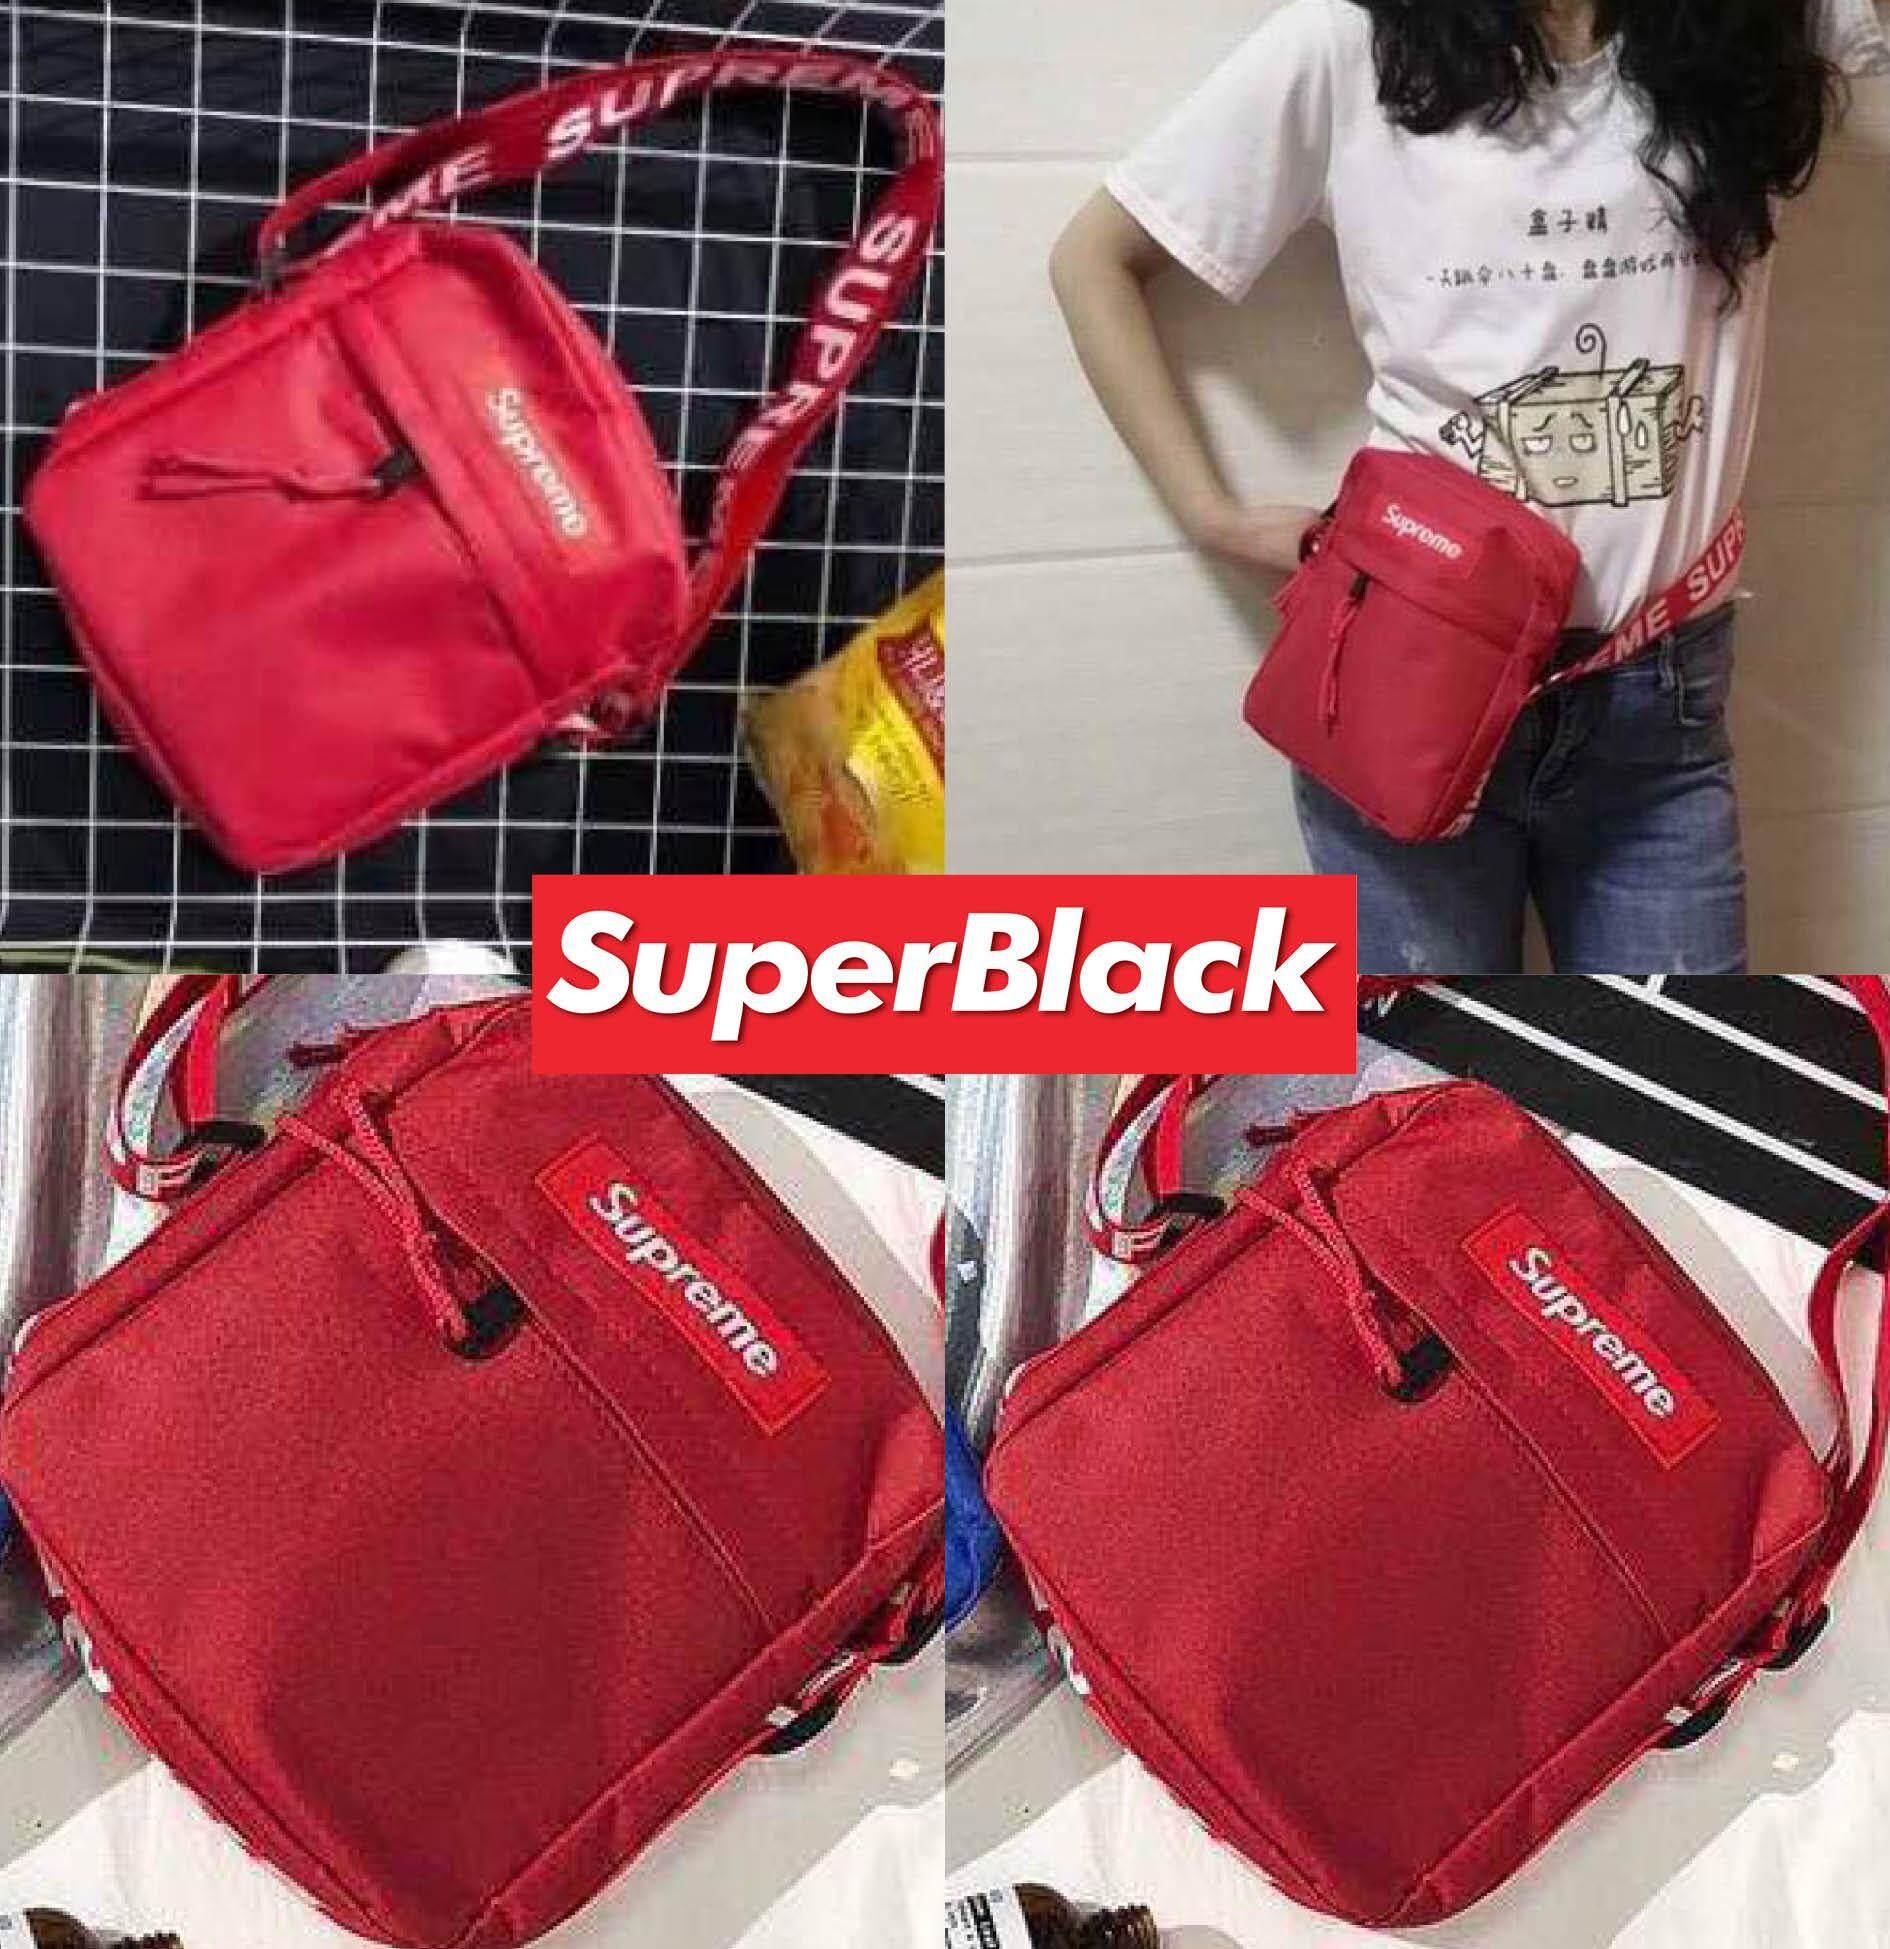 สุดยอดสินค้า!! กระเป๋าSupreme สะพายข้าง (สีแดง) *จัดส่งจากก.ท.ม ส่งฟรีKerryเก็บเงินปลายได้*